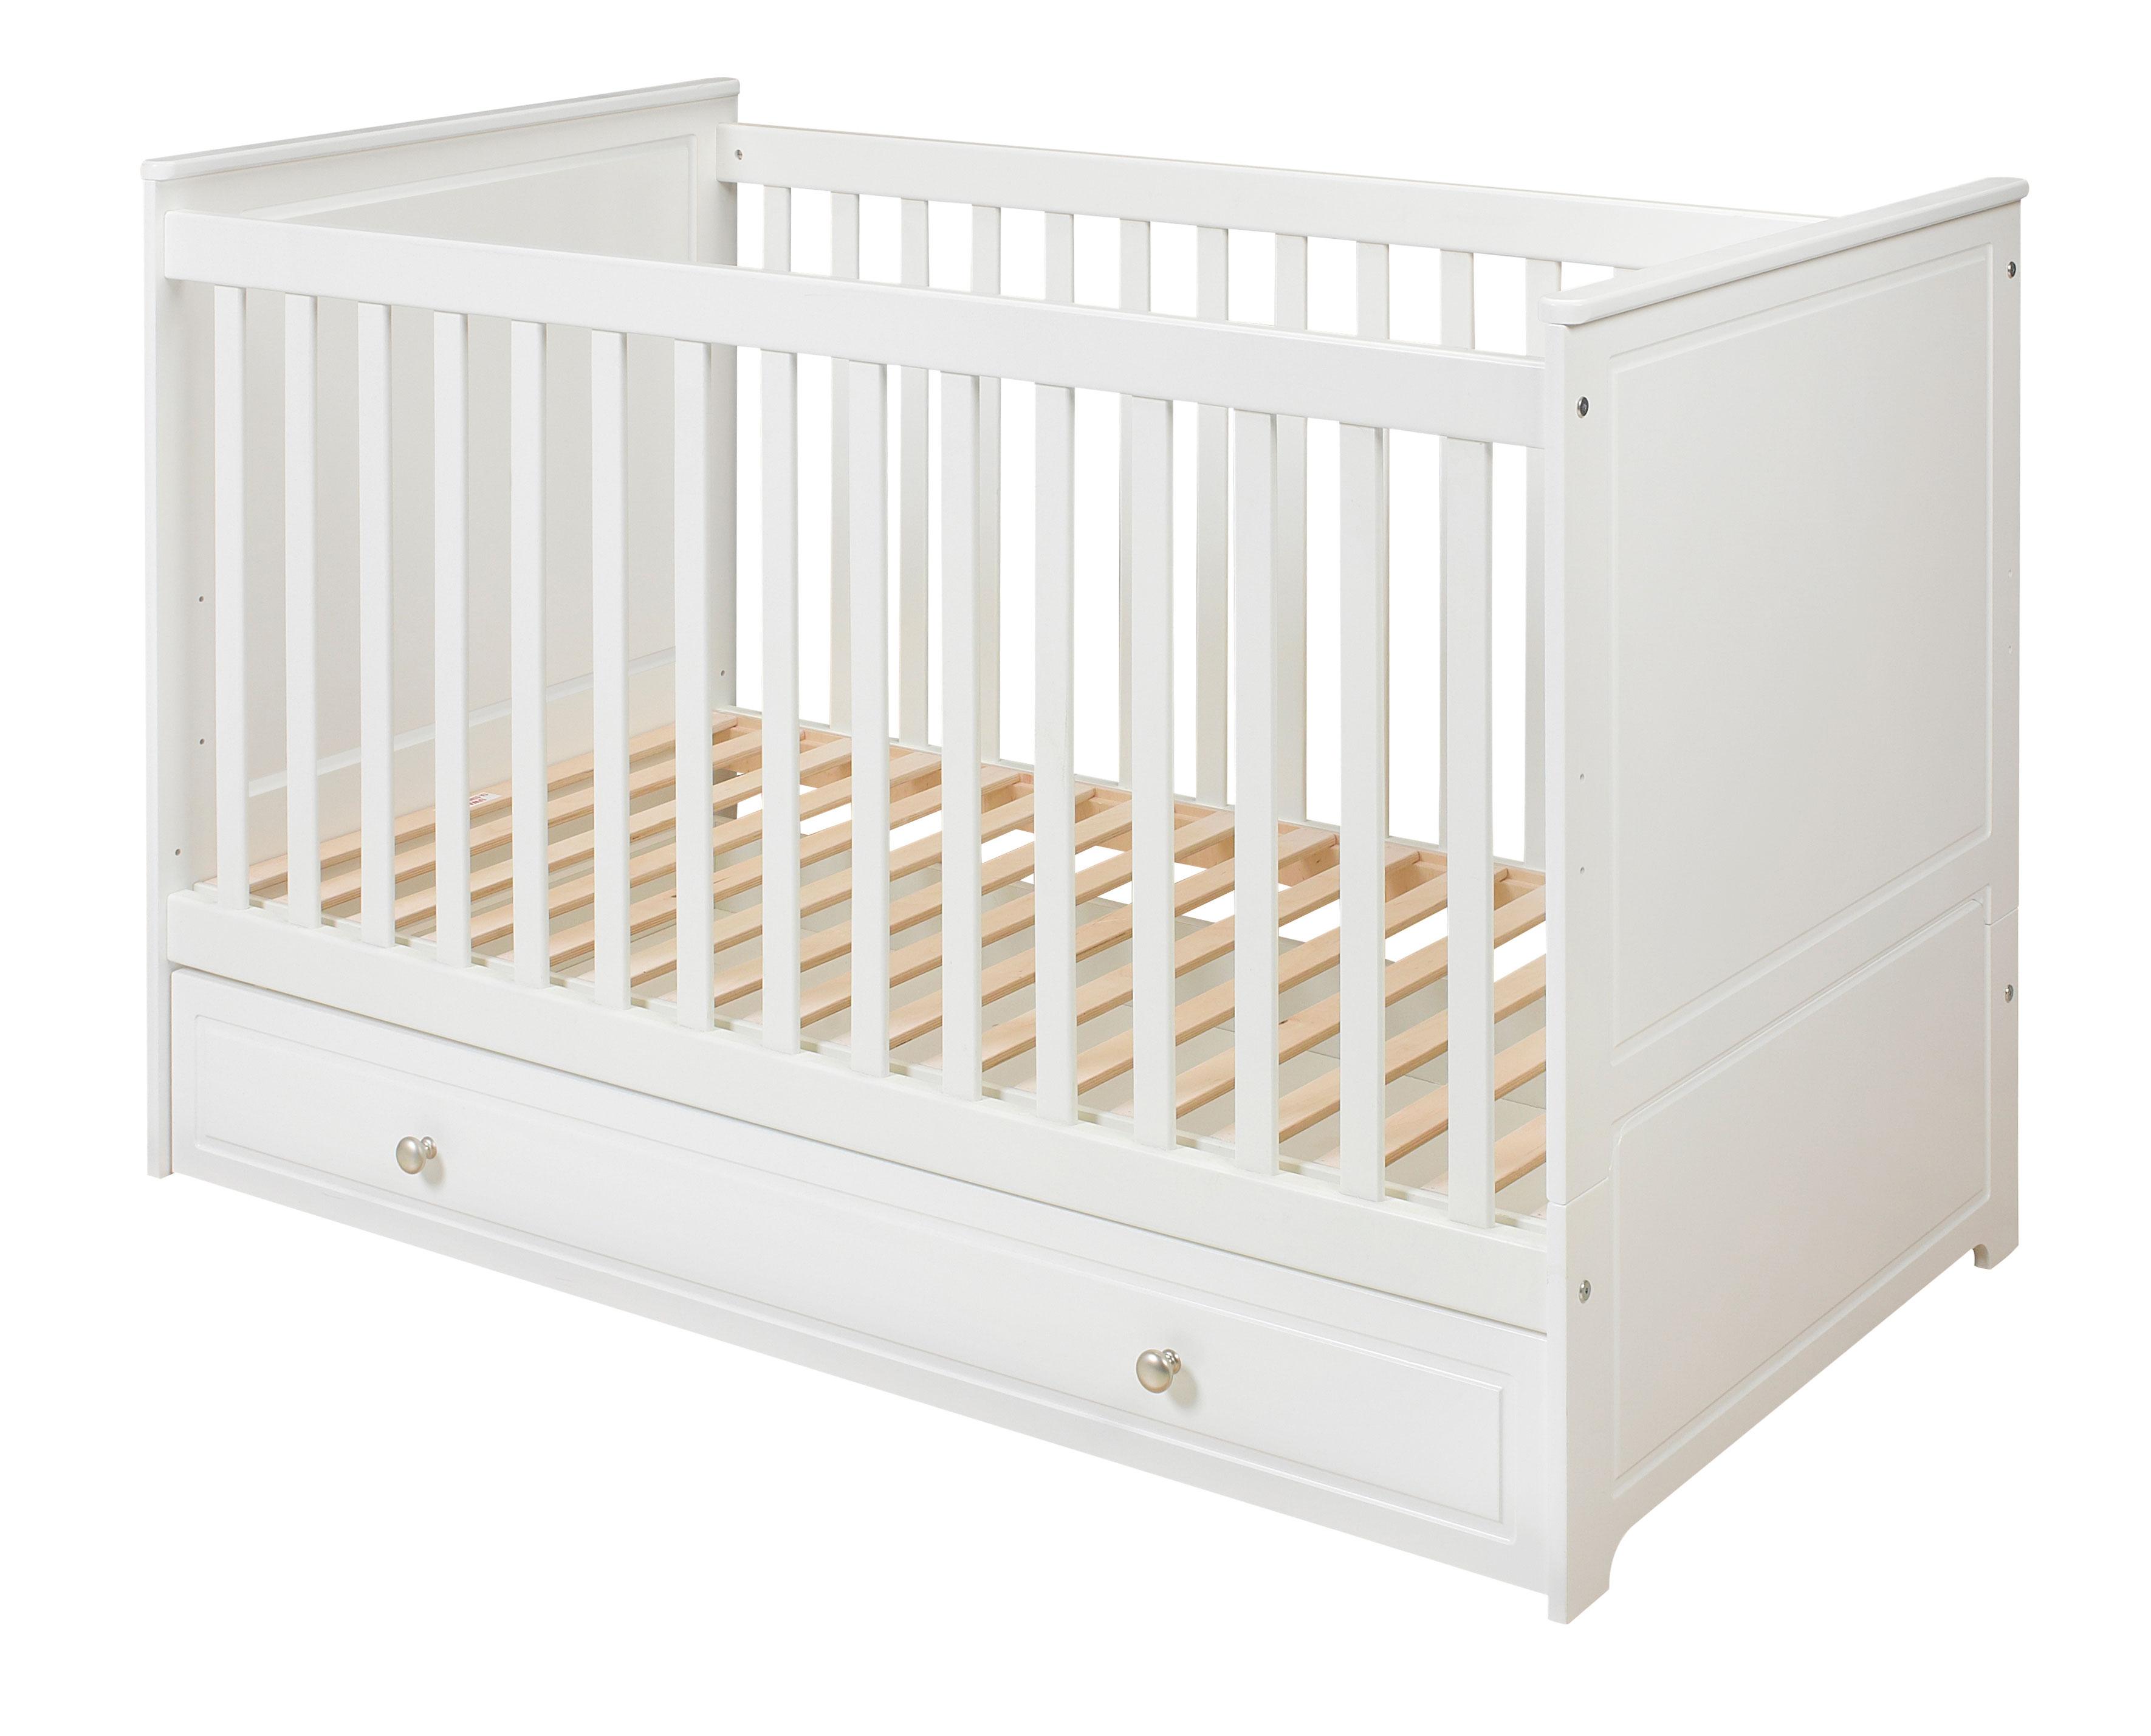 Kinderbett weiß mit schubladen  Babybett 120x60 cm